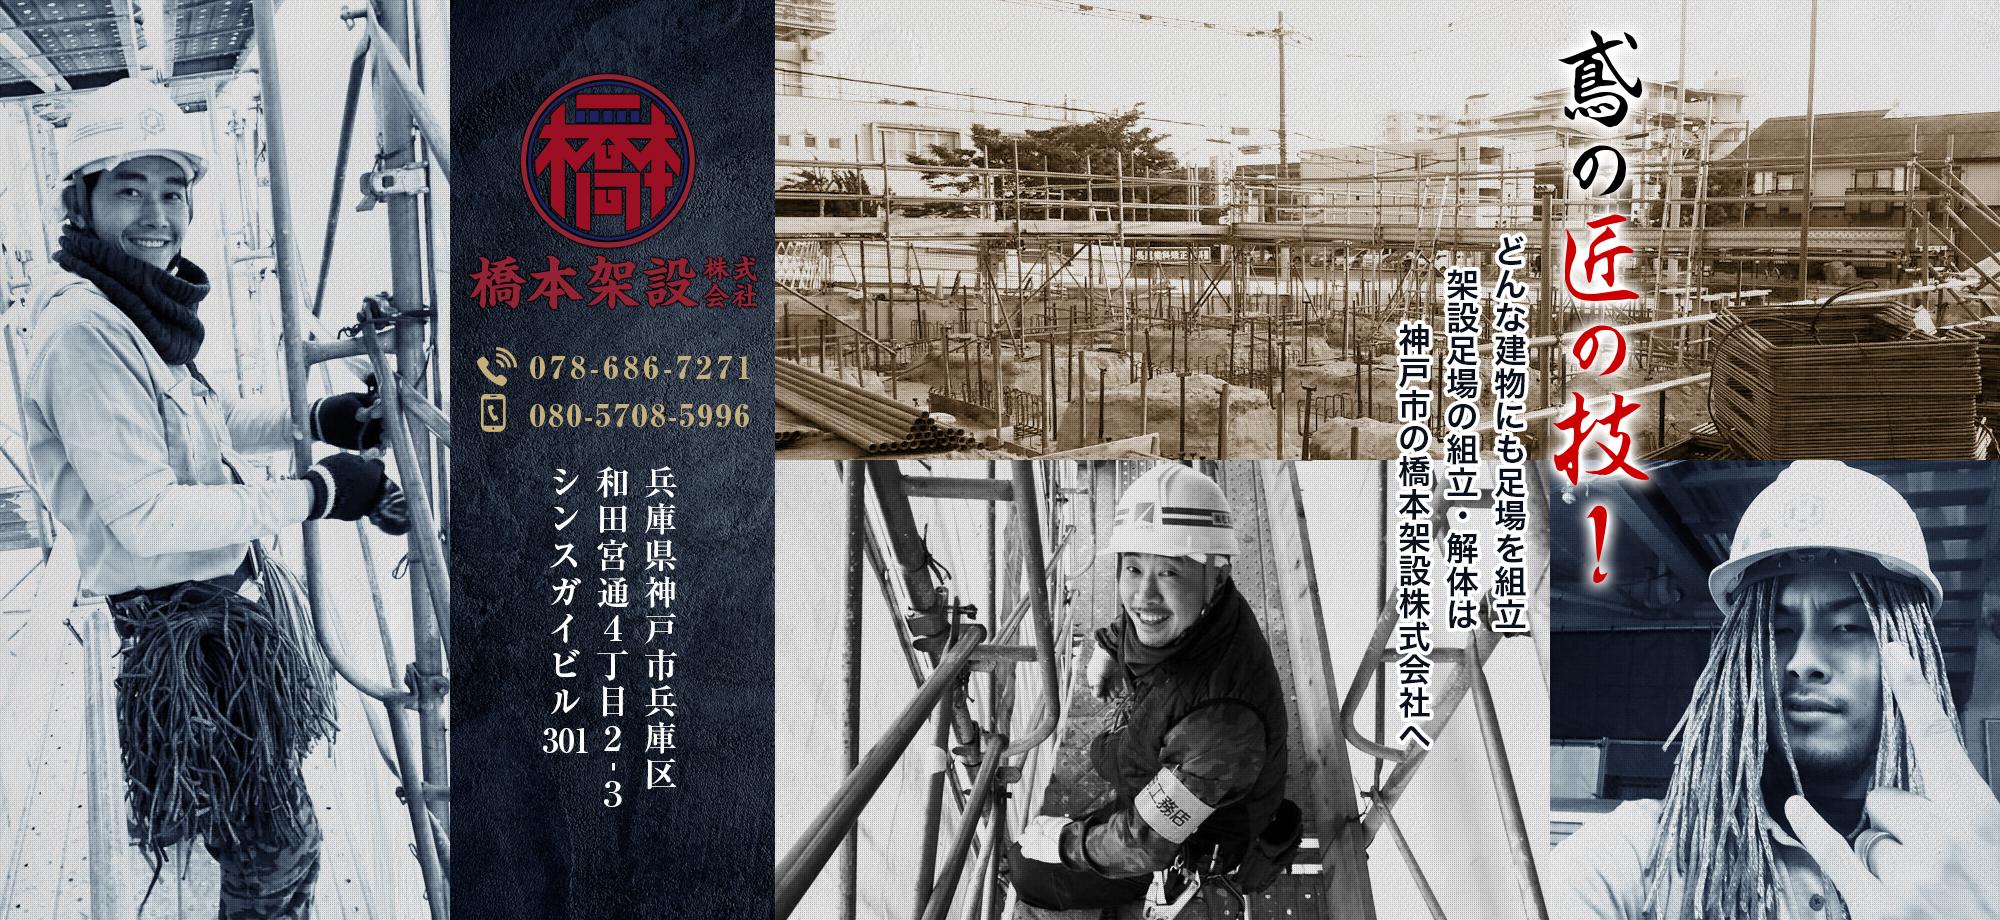 鳶の匠の技!どんな建物にも足場を組立  架設足場の組立・解体は神戸市の橋本組へ